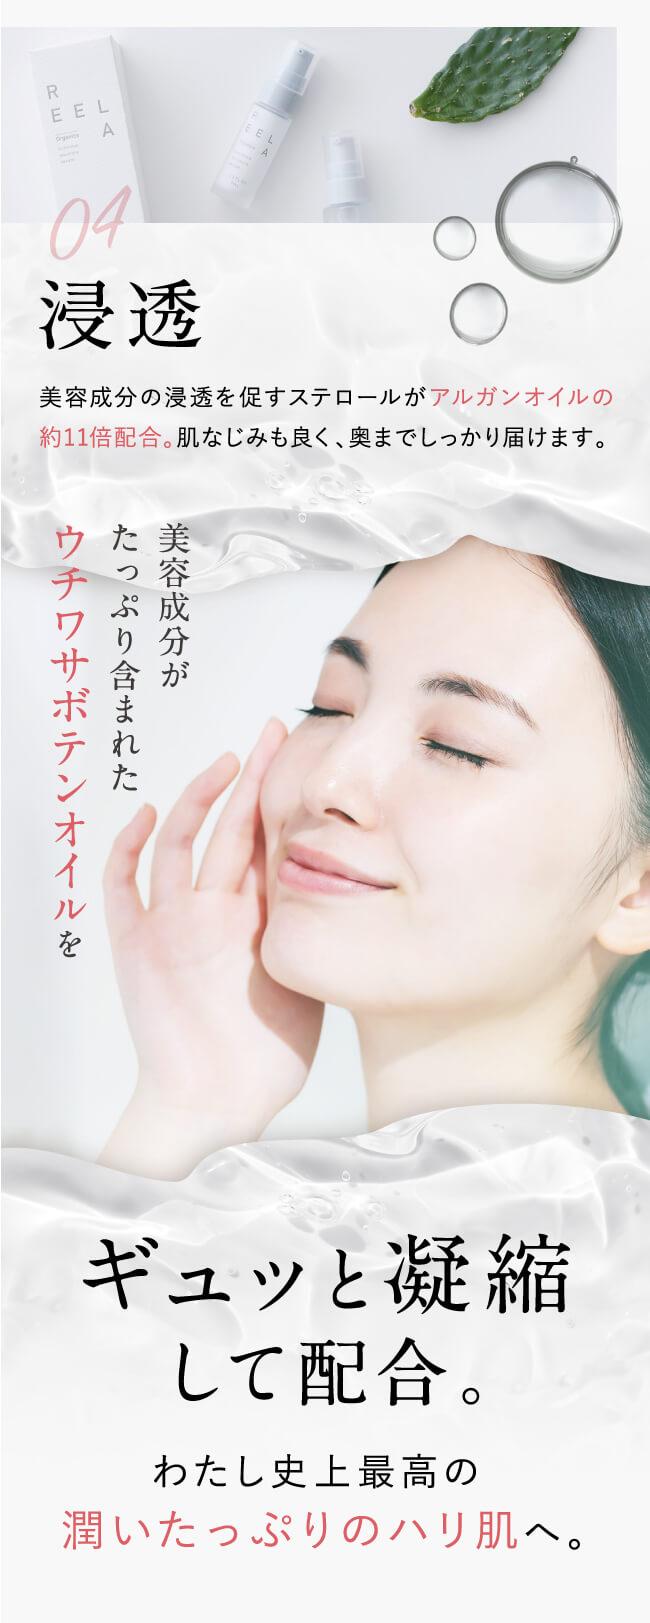 04.浸透。美容成分の浸透を促すステロールがアルガンオイルの約11倍配合。肌なじみも良く、奥までしっかり届けます。美容成分がたっぷり含まれたウチワサボテンオイルをギュッと凝縮して配合。わたし史上最高の潤いたっぷりのハリ肌へ。